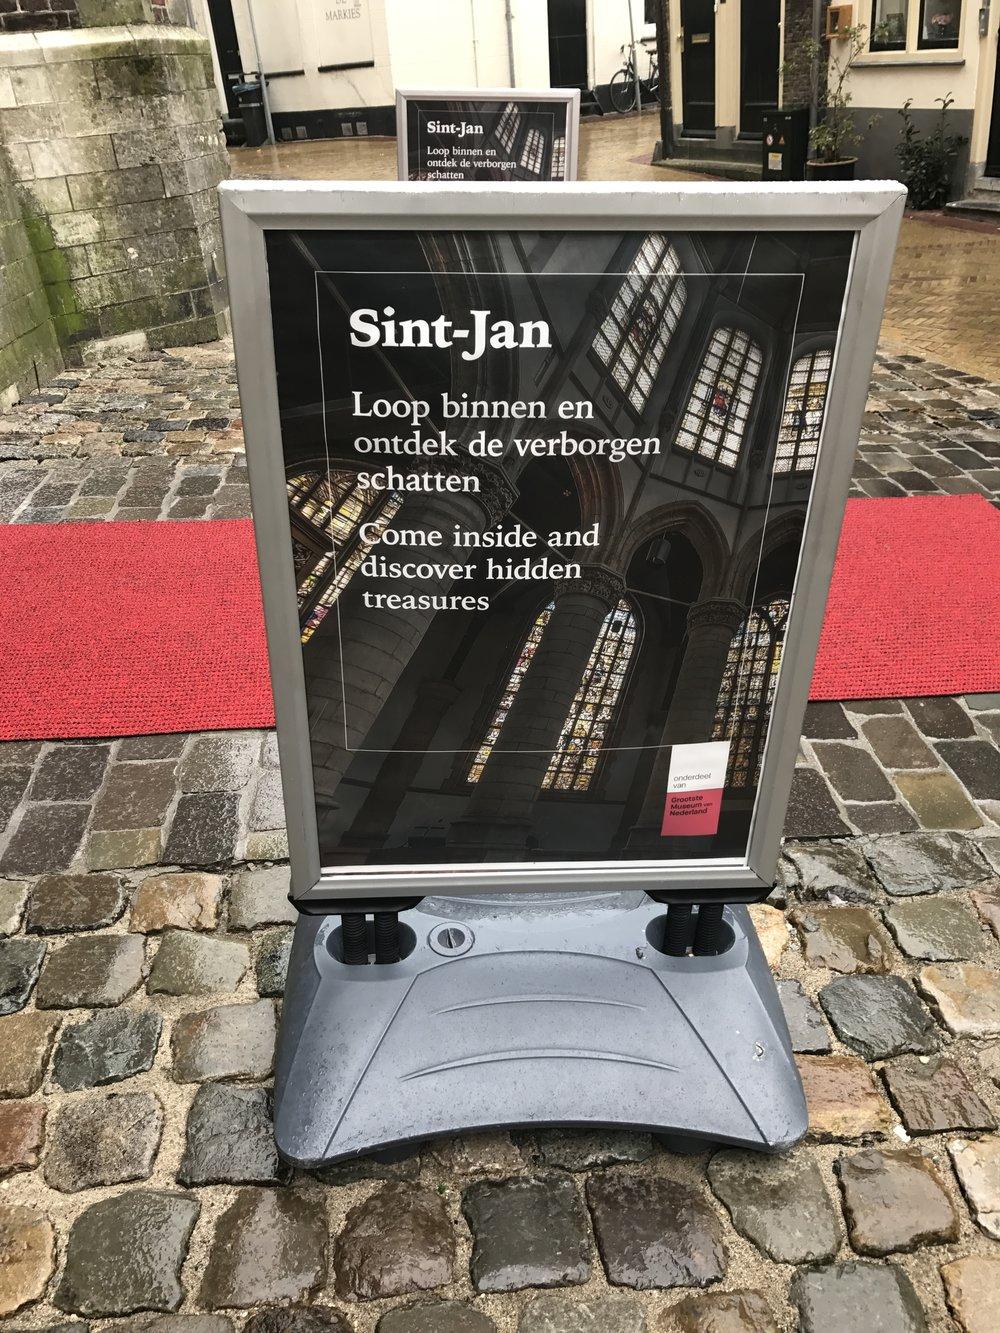 De Sint-Jan in Gouda is onderdeel van het grootste museum van Nederland